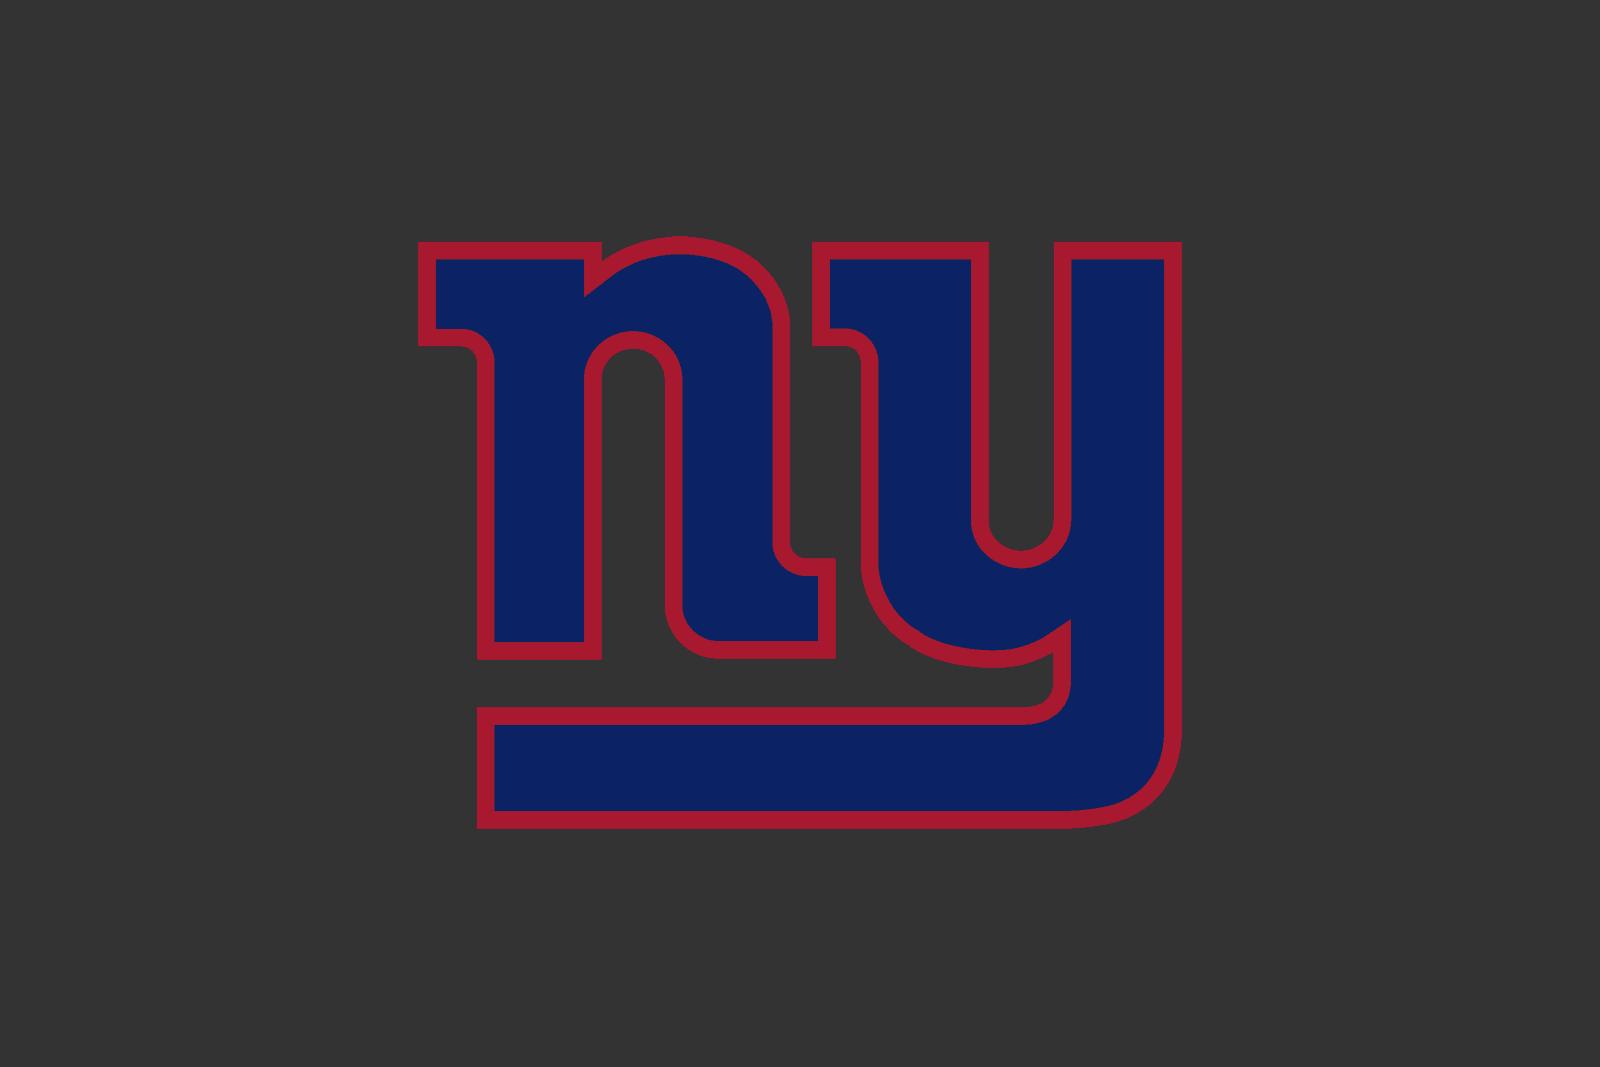 2019 New York Giants Schedule